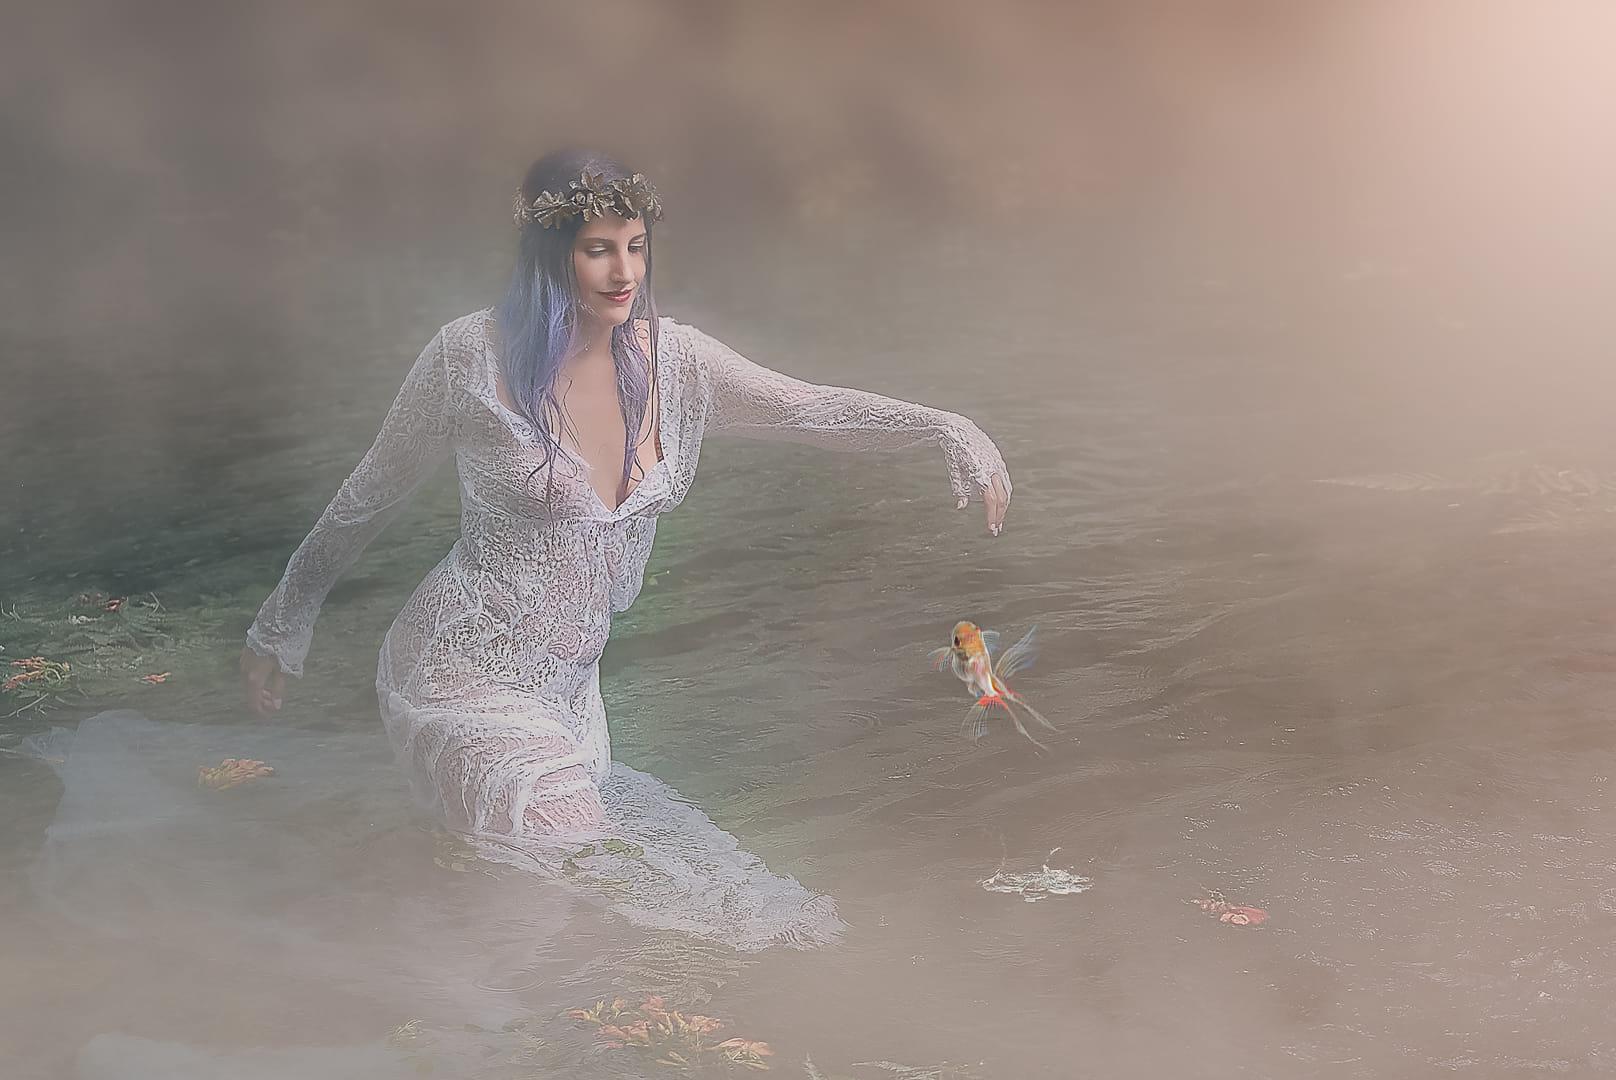 La Diosa del Miño (el Juego)